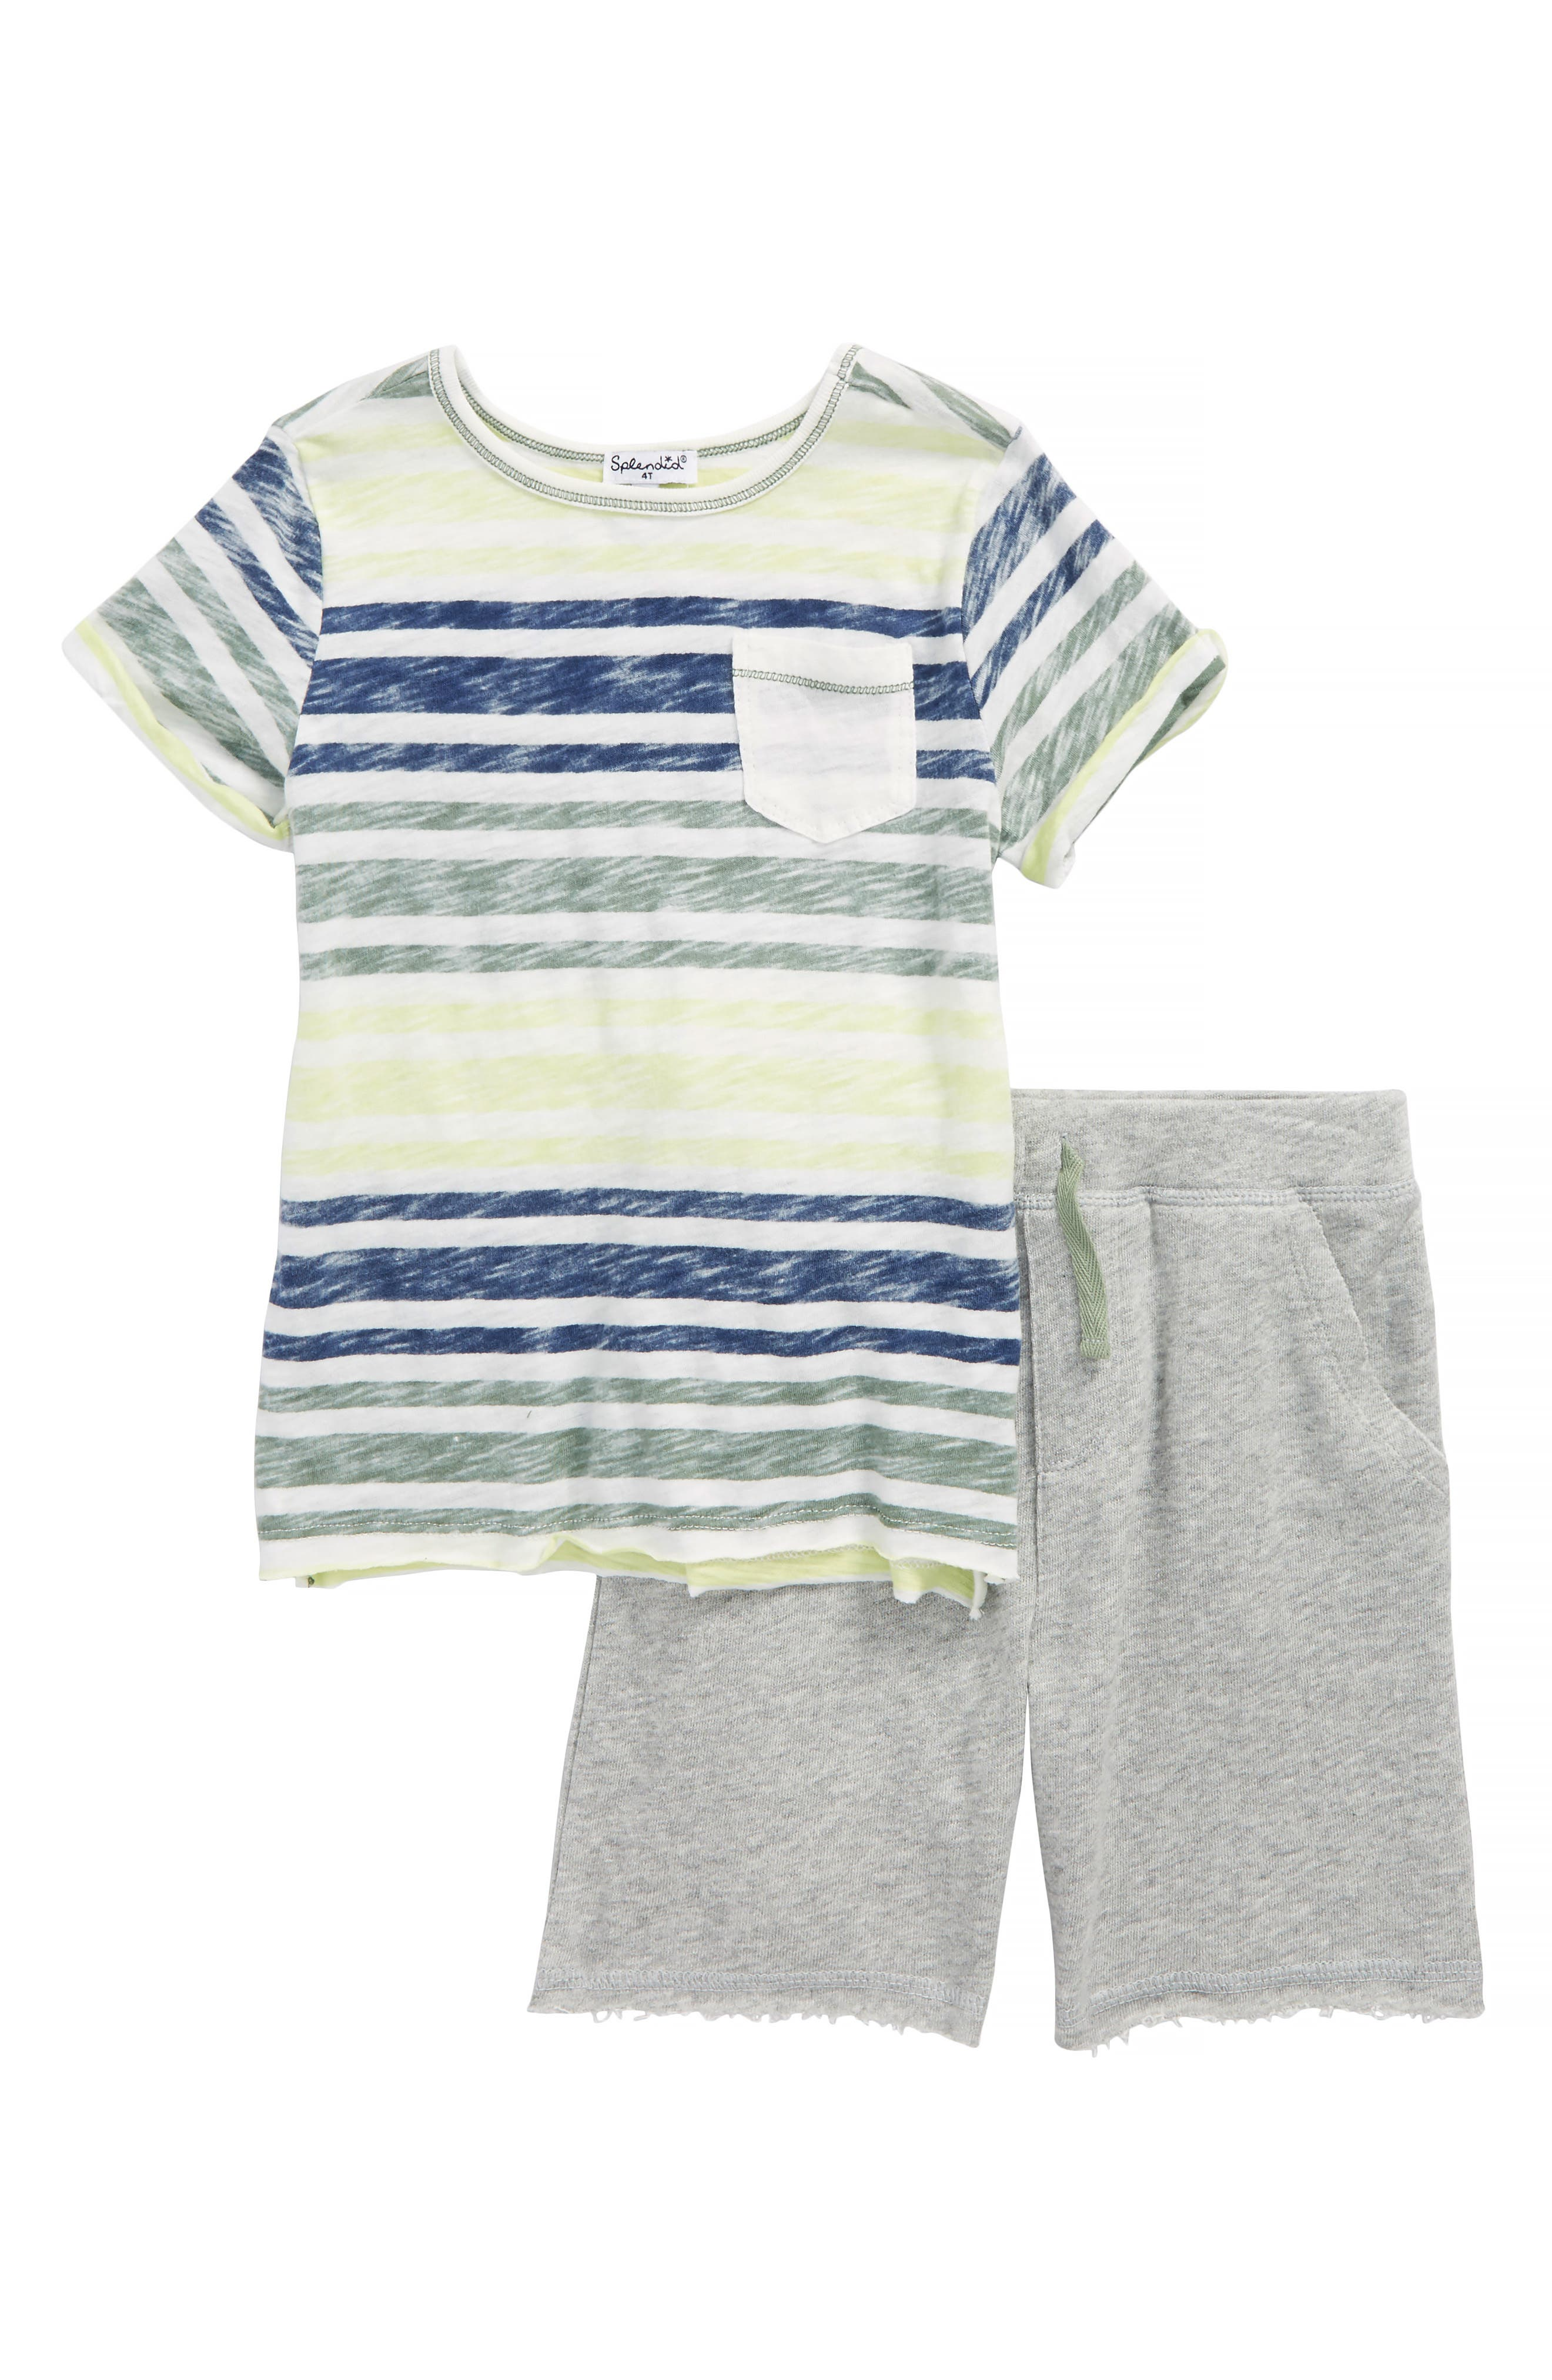 Alternate Image 1 Selected - Splendid Reverse Stripe Shirt & Knit Shorts Set (Toddler Boys & Little Boys)